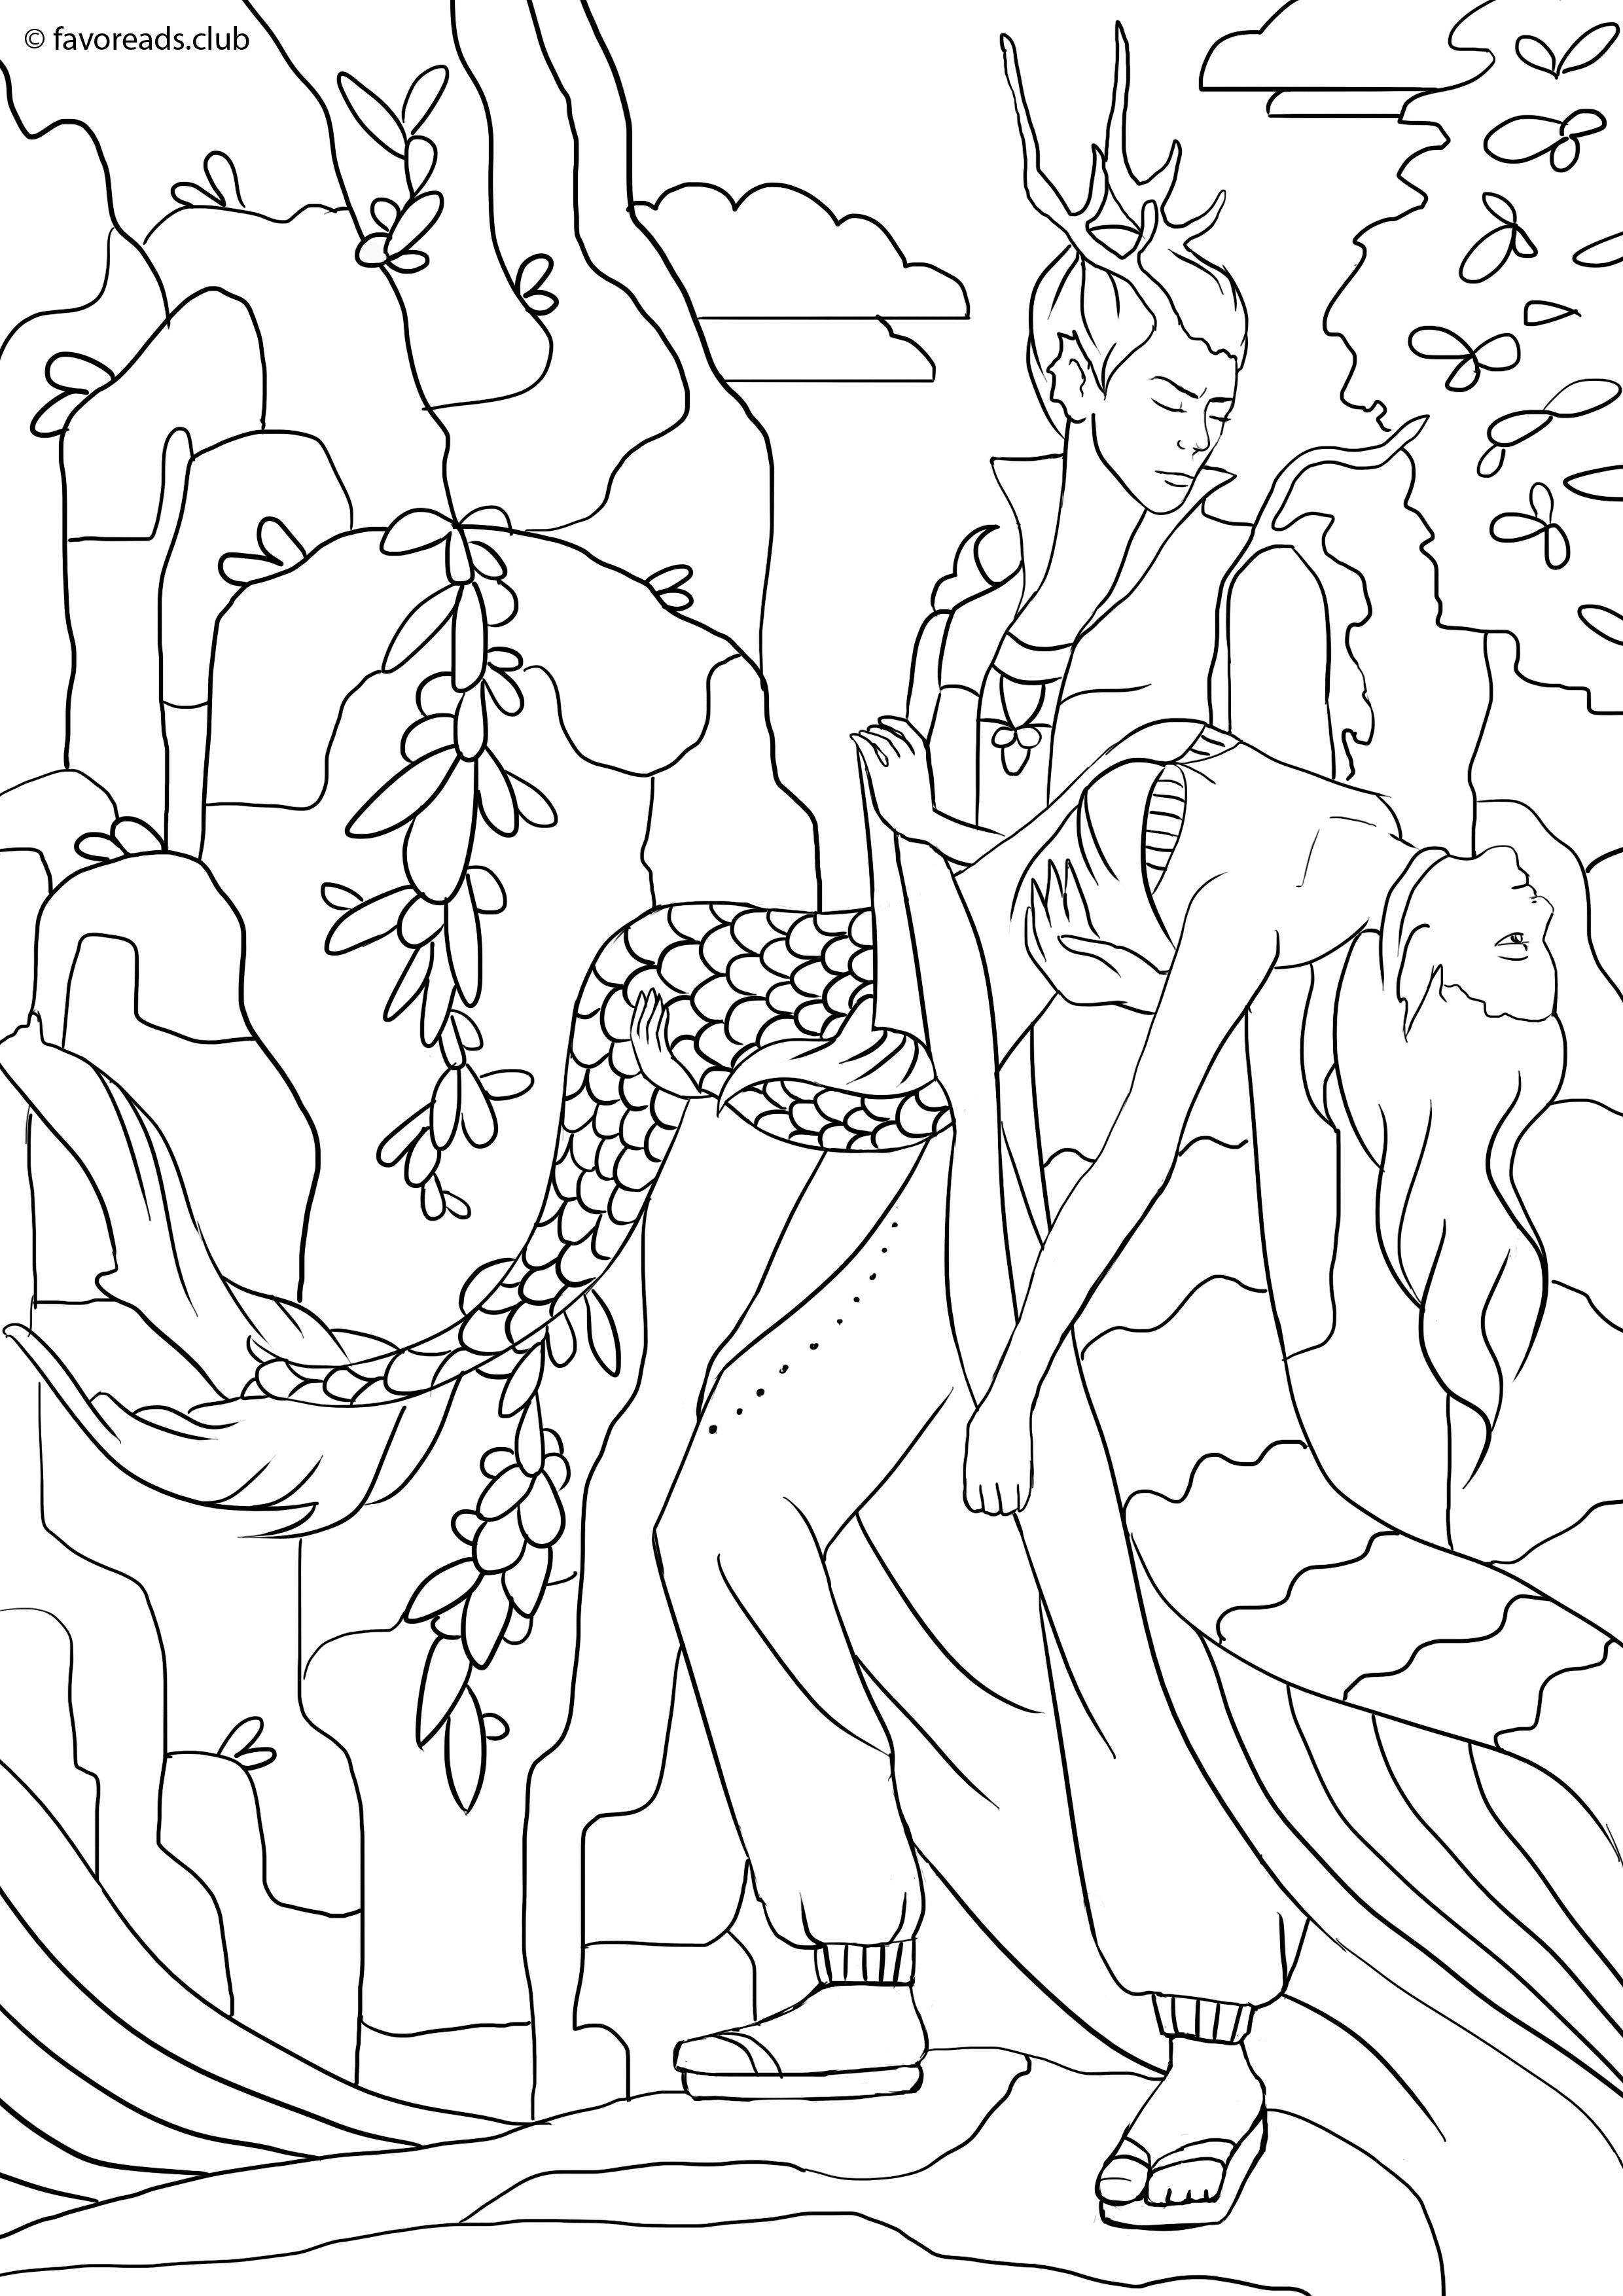 Pin de Priscilla Rich en Coloring pages | Pinterest